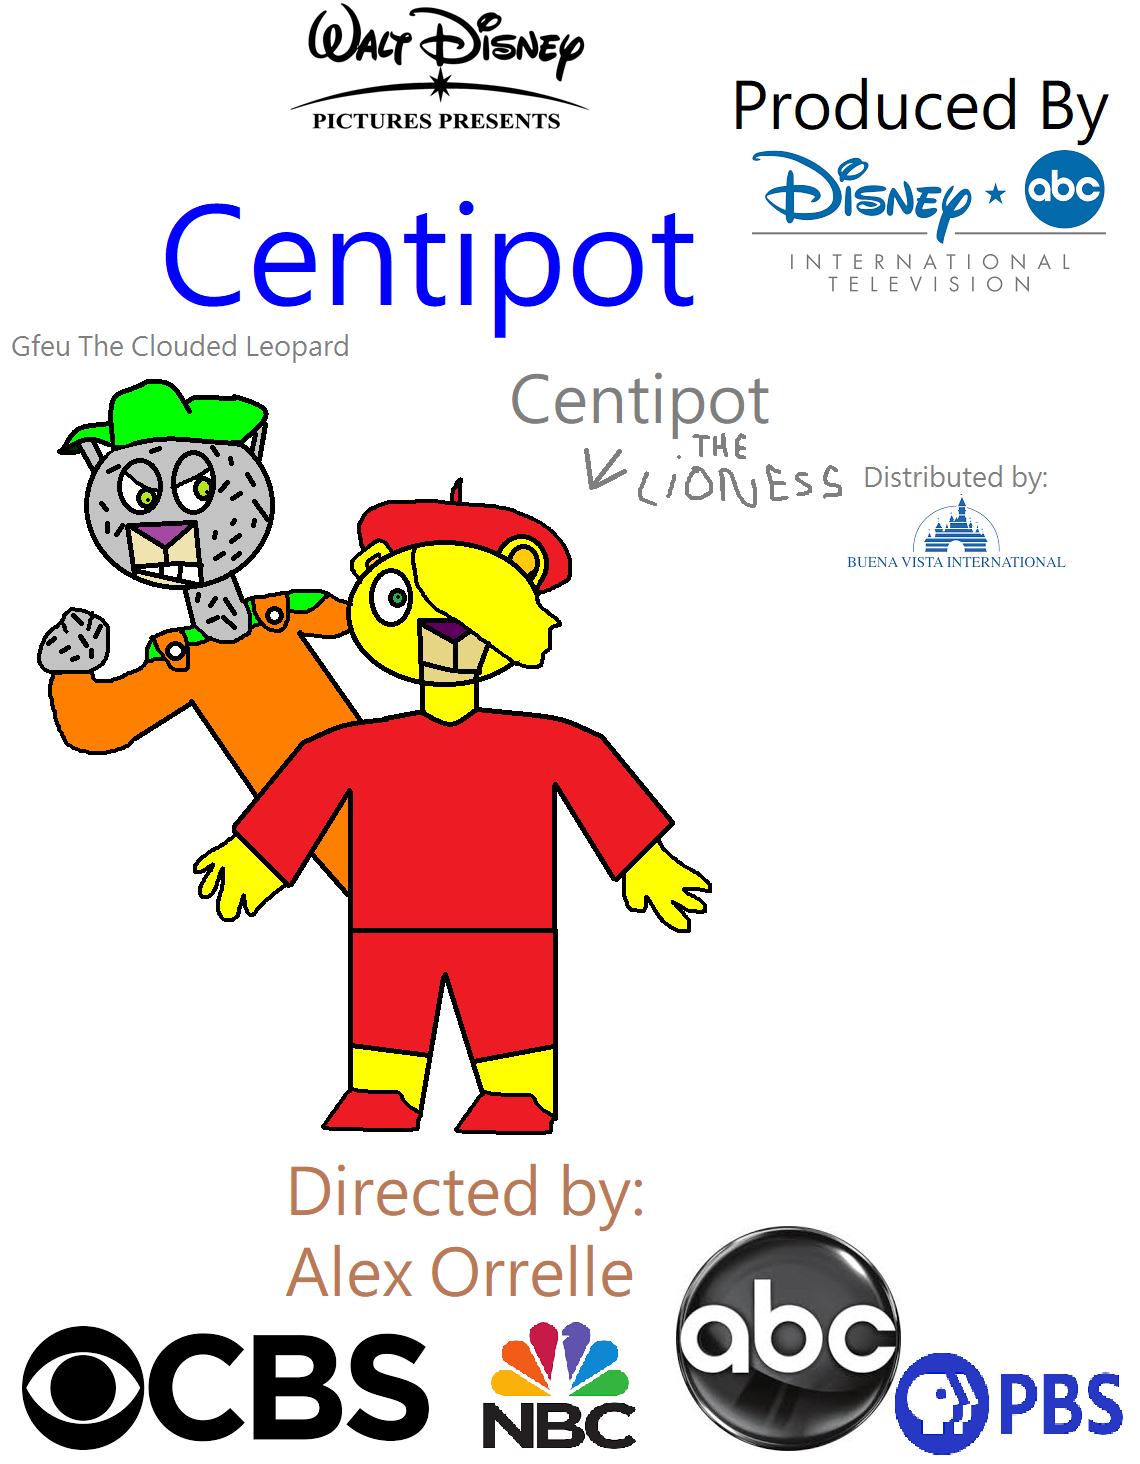 Centipot (2009 film)